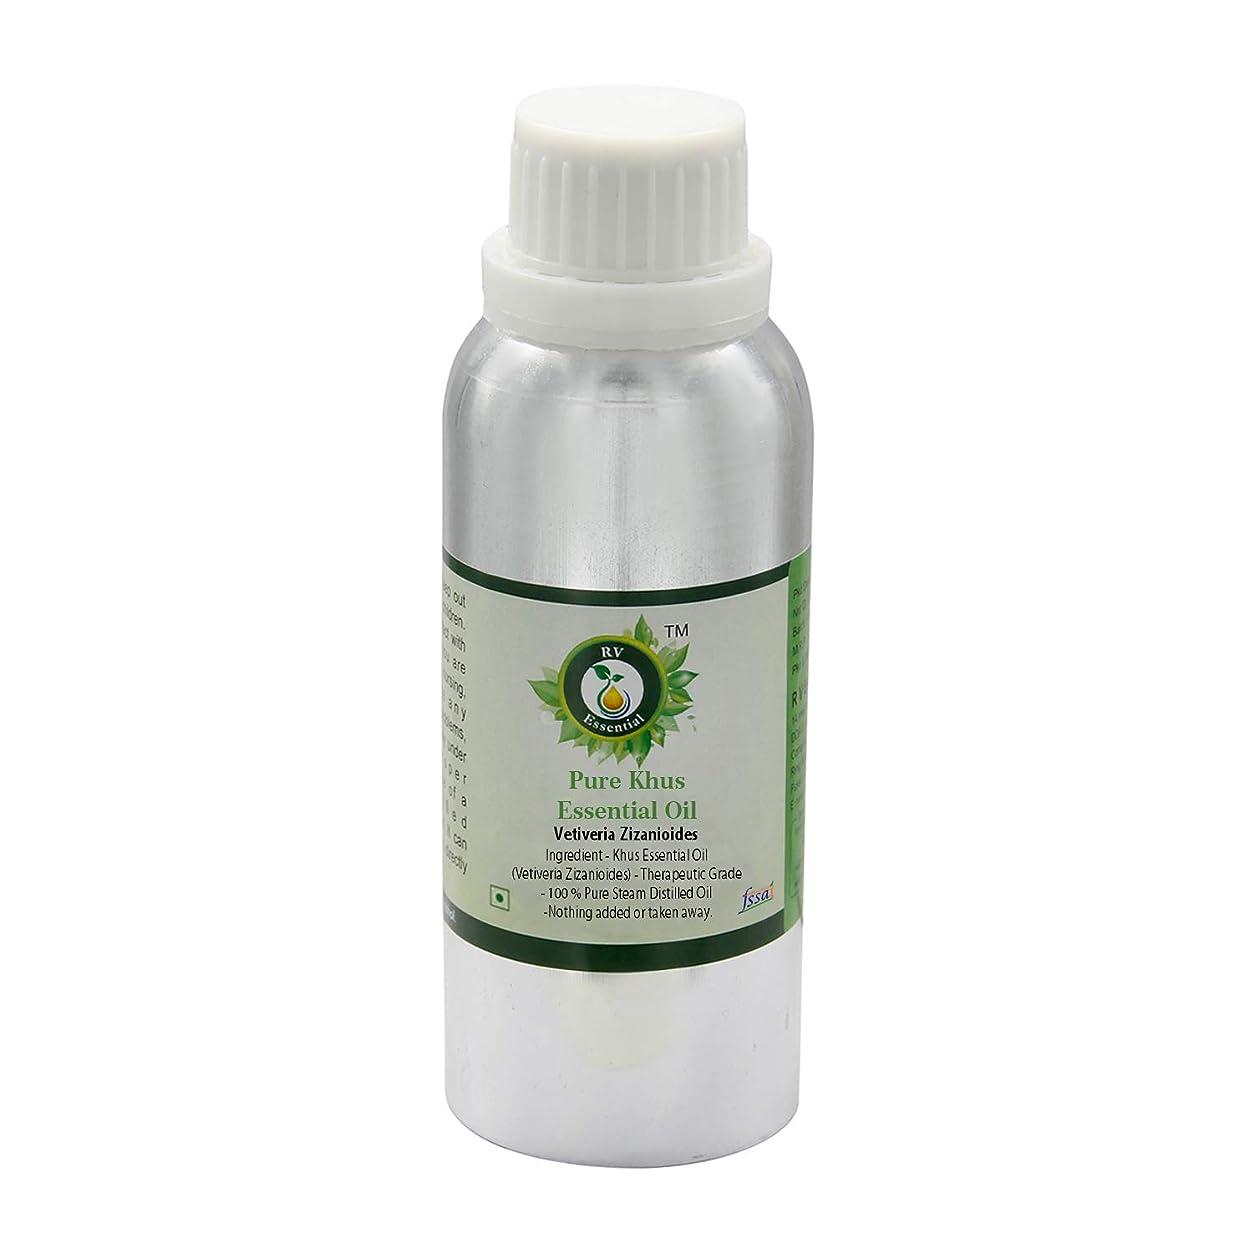 そして下線バランスピュアKhusエッセンシャルオイル300ml (10oz)- Vetiveria Zizanioides (100%純粋&天然スチームDistilled) Pure Khus Essential Oil